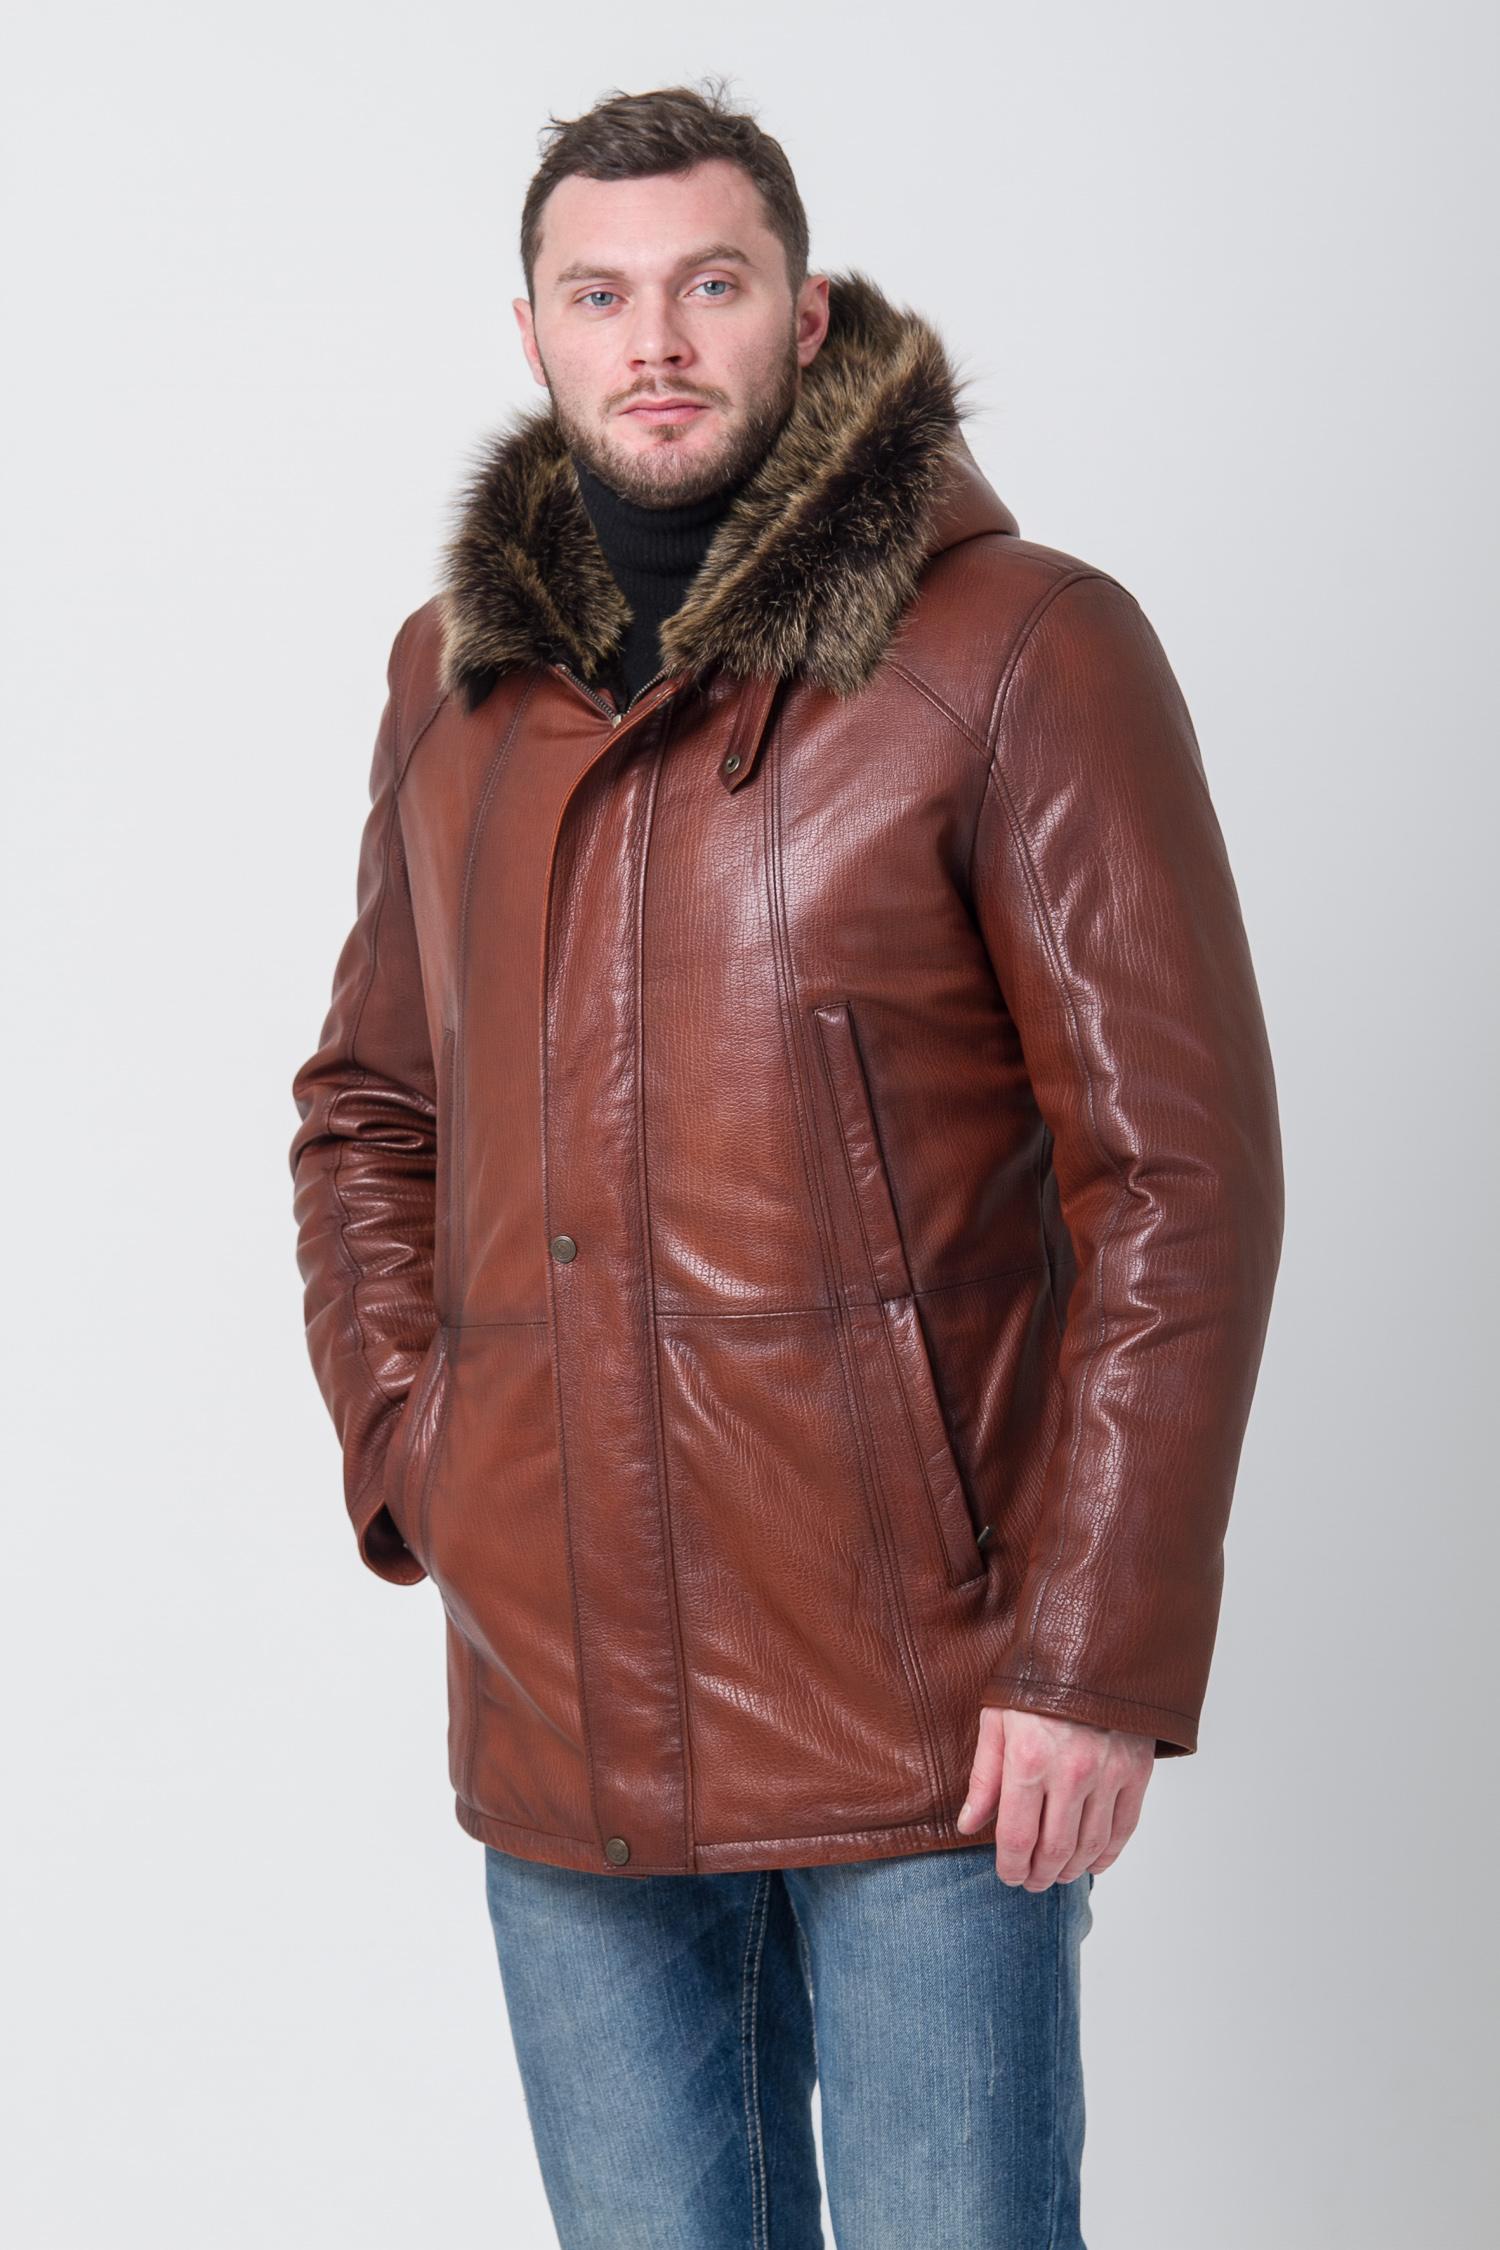 Мужская кожаная куртка из натуральной кожи на меху с капюшоном, отделка тоскана